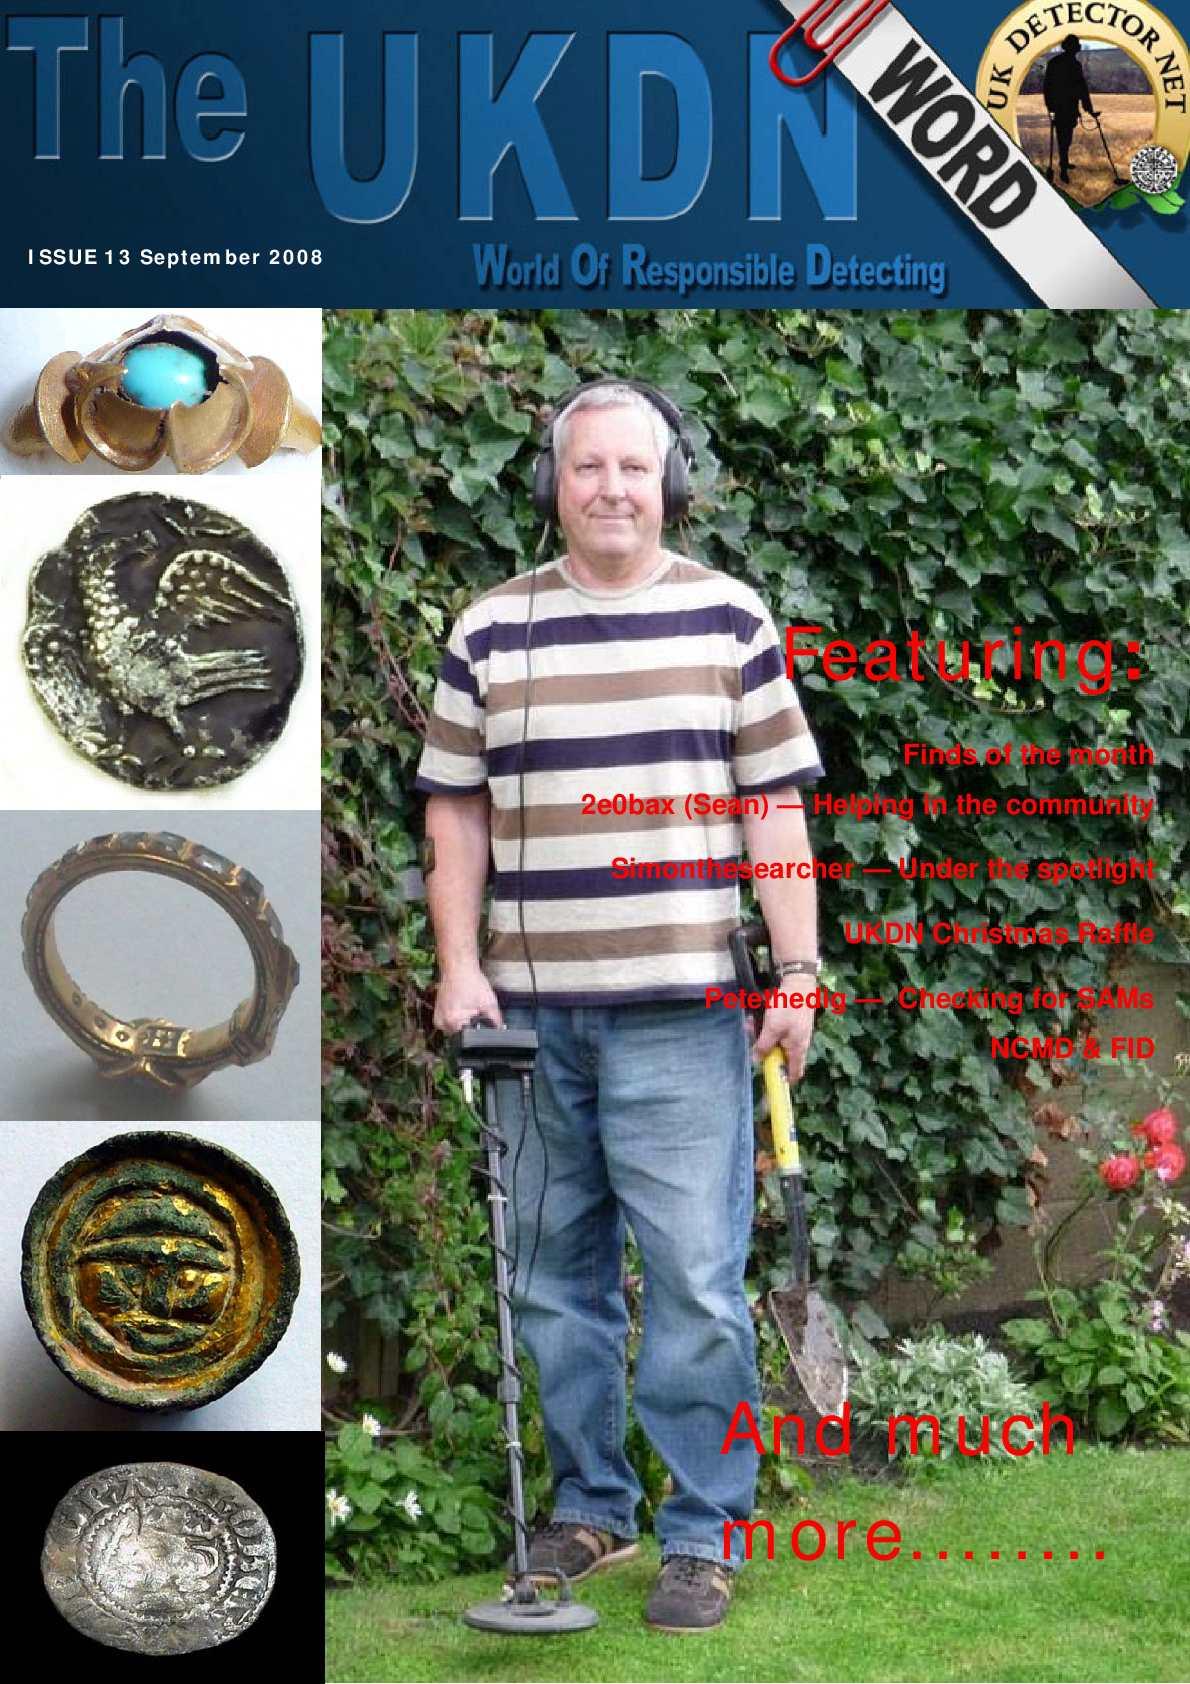 UKDN Word Issue 13 September 2008